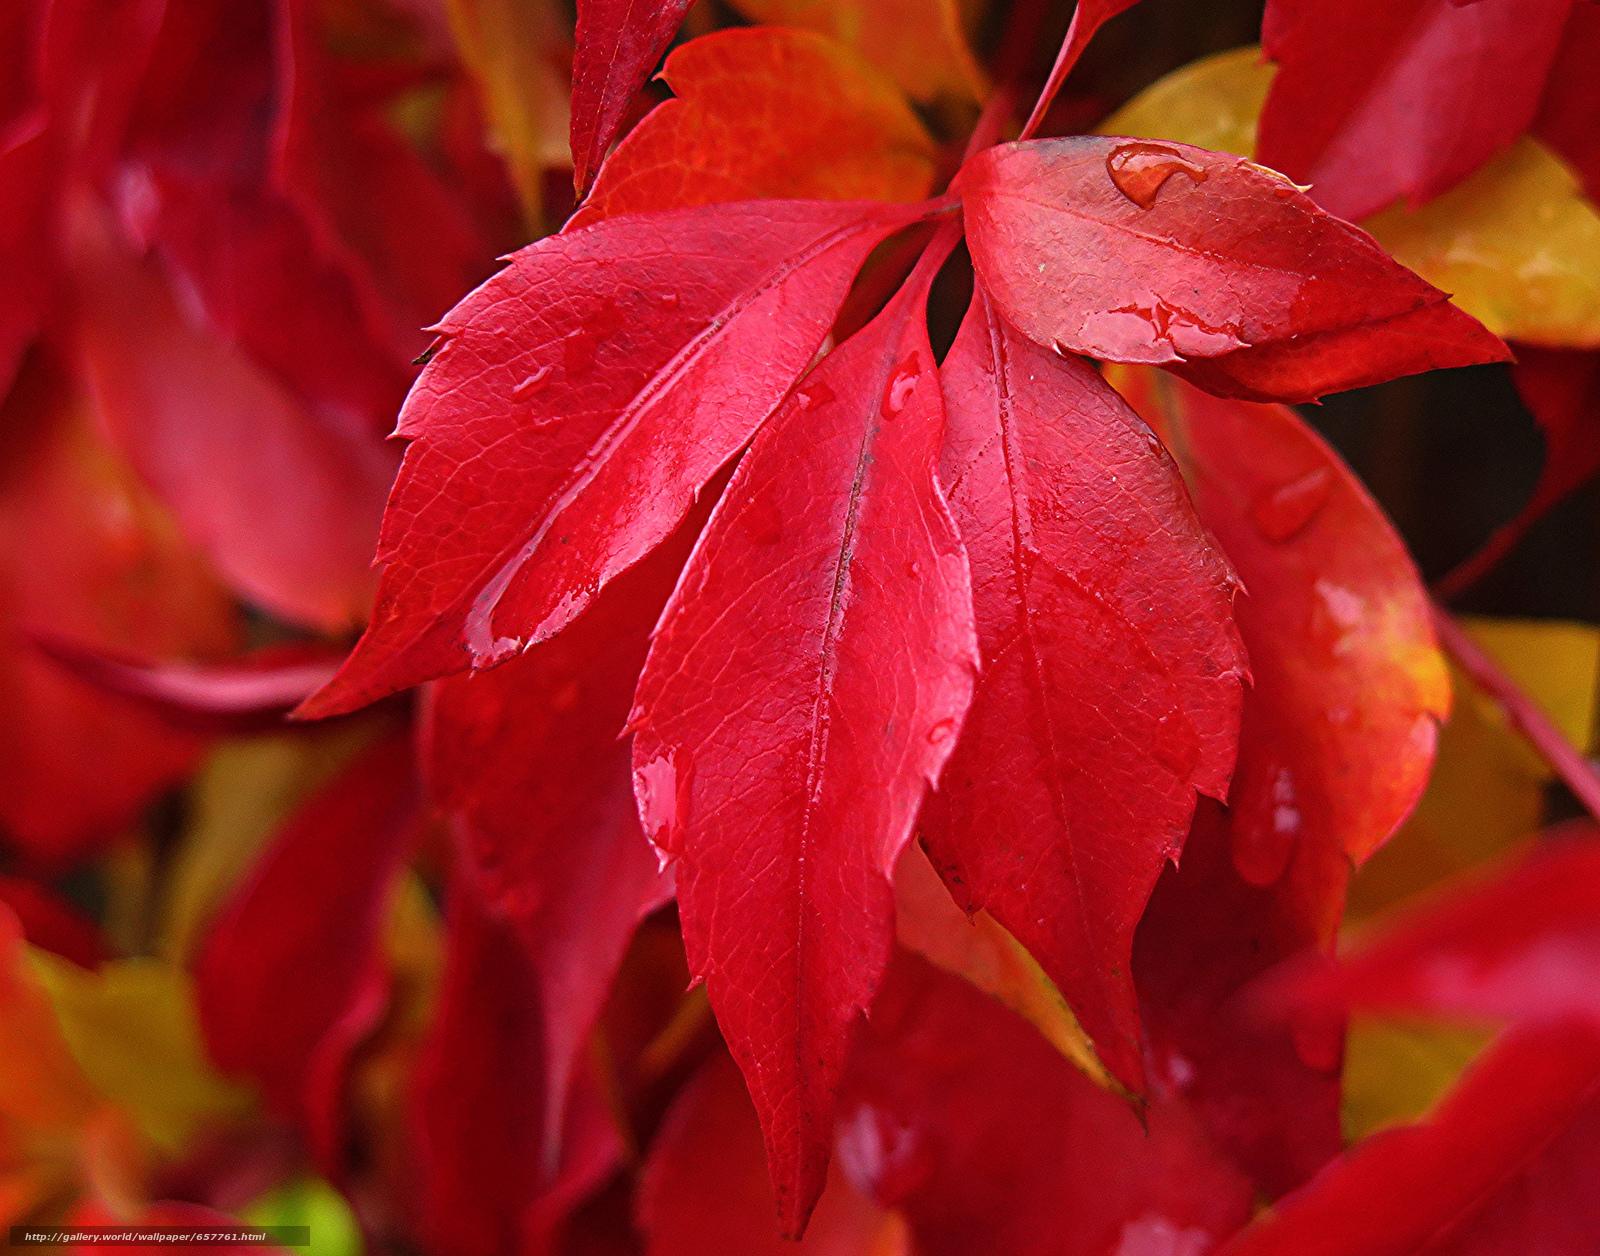 Tlcharger Fond d'ecran Direction,  feuillage,  automne,  gouttes Fonds d'ecran gratuits pour votre rsolution du bureau 2048x1608 — image №657761